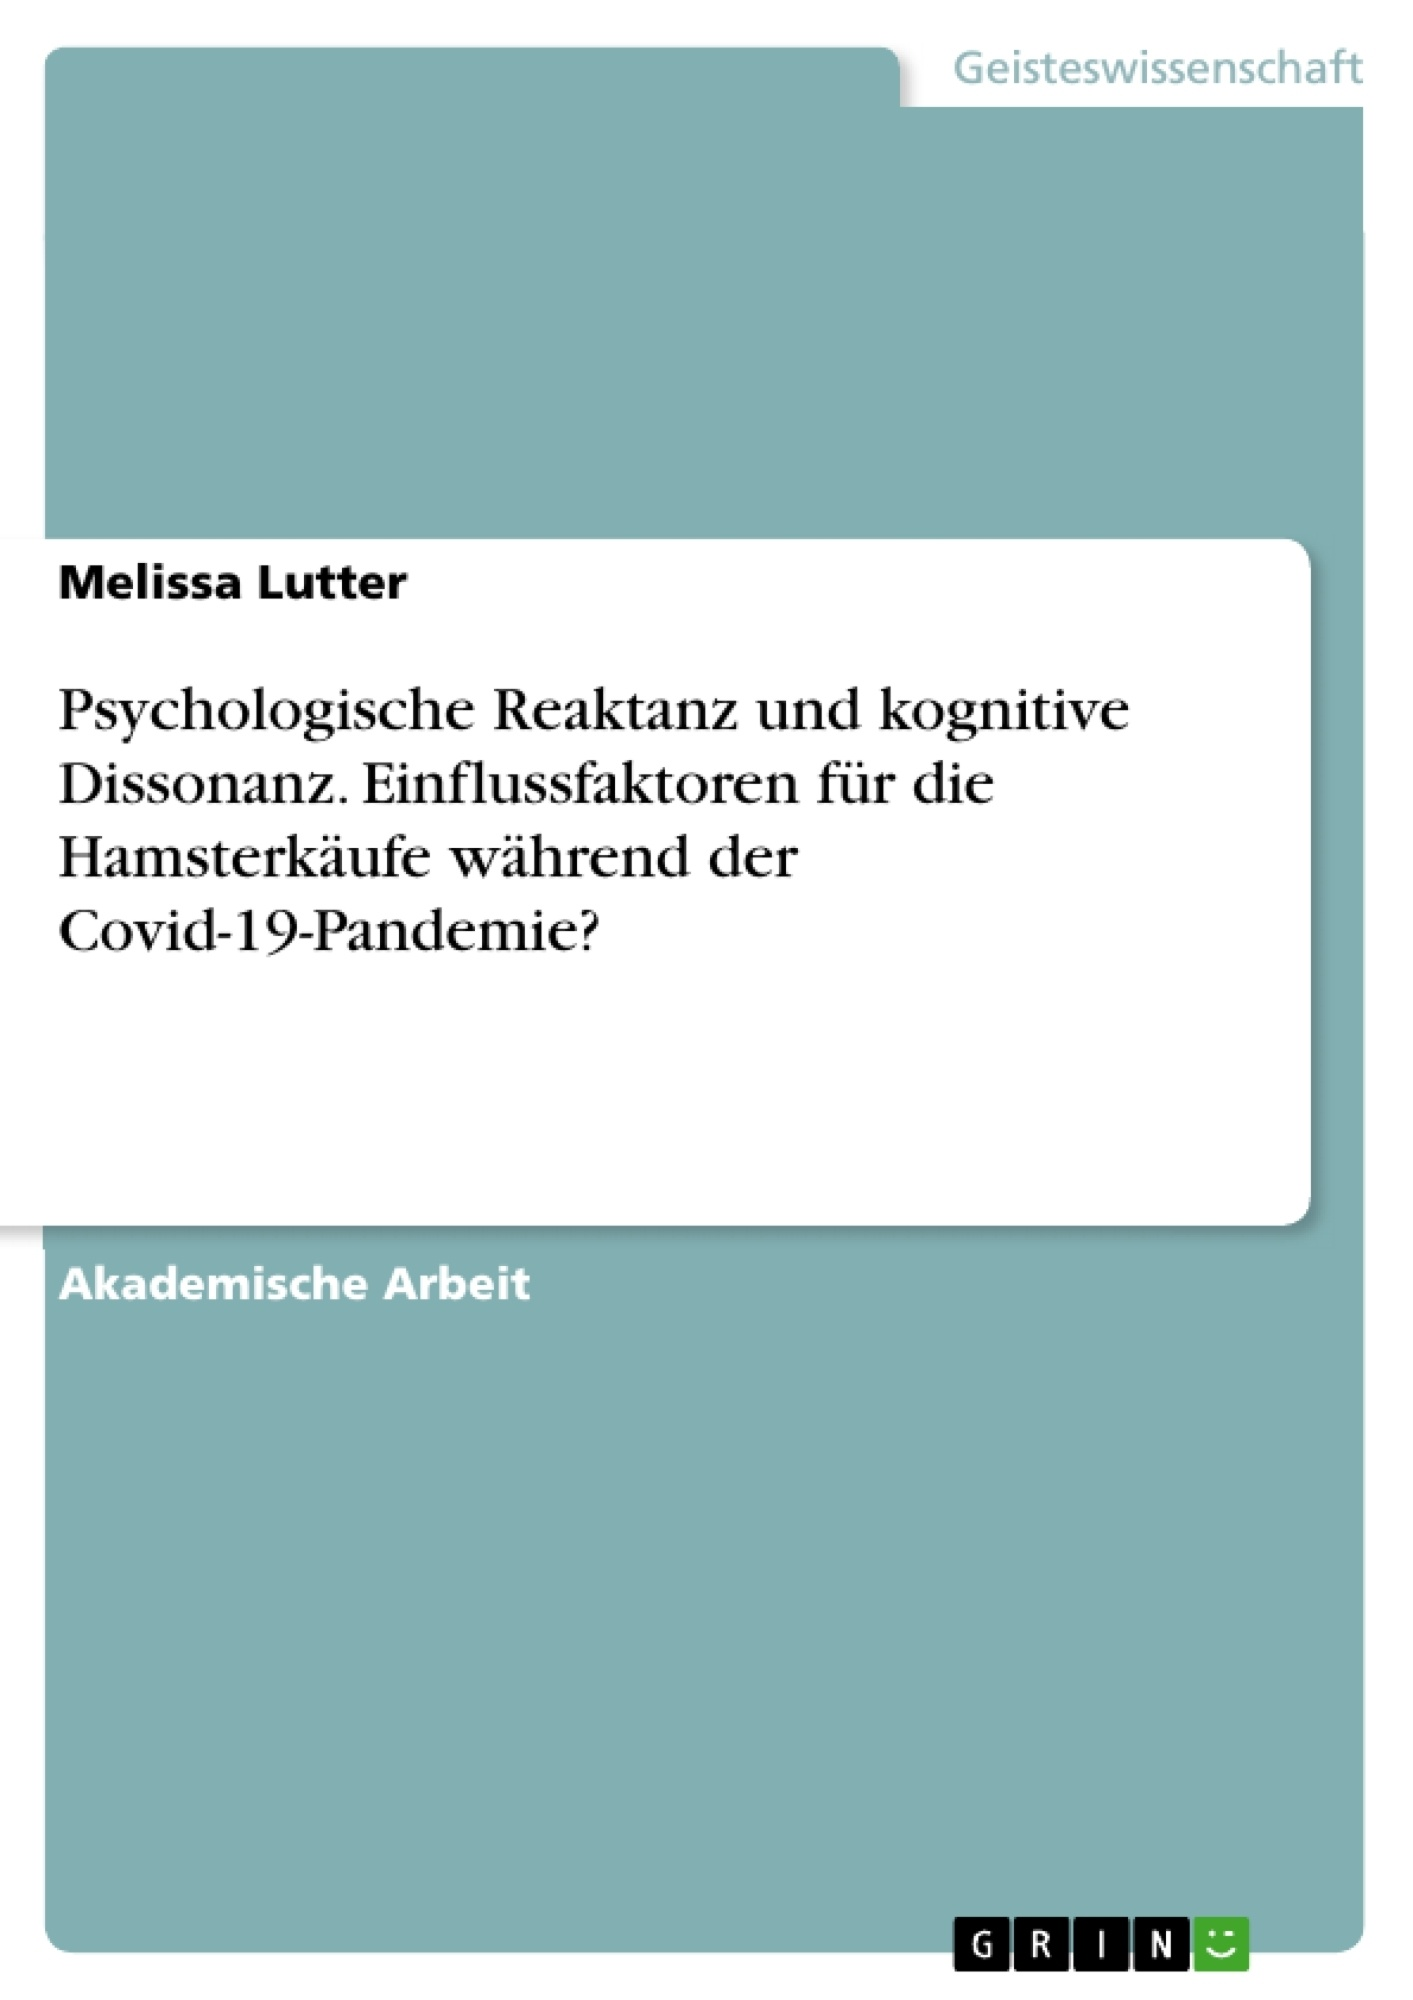 Titel: Psychologische Reaktanz und kognitive Dissonanz. Einflussfaktoren für die Hamsterkäufe während der Covid-19-Pandemie?